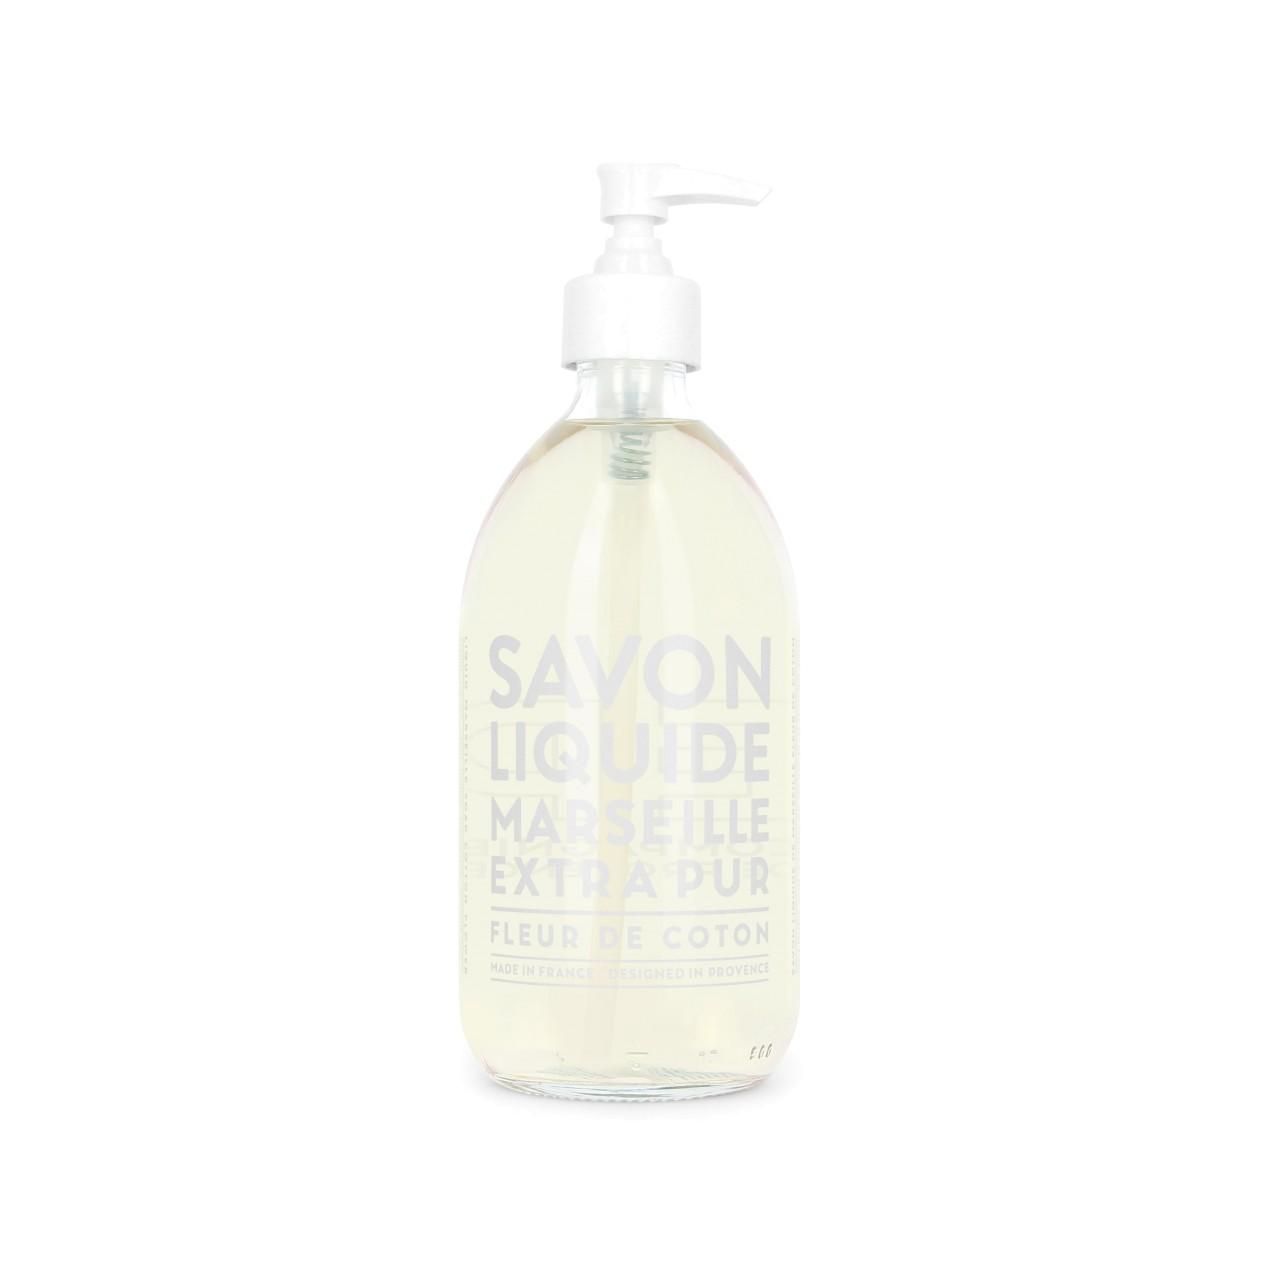 Sapone Liquido di Marsiglia ai Fiori di Cotone 500 ml Compagnie de Provence Italia CPPF0101SL500CO-01